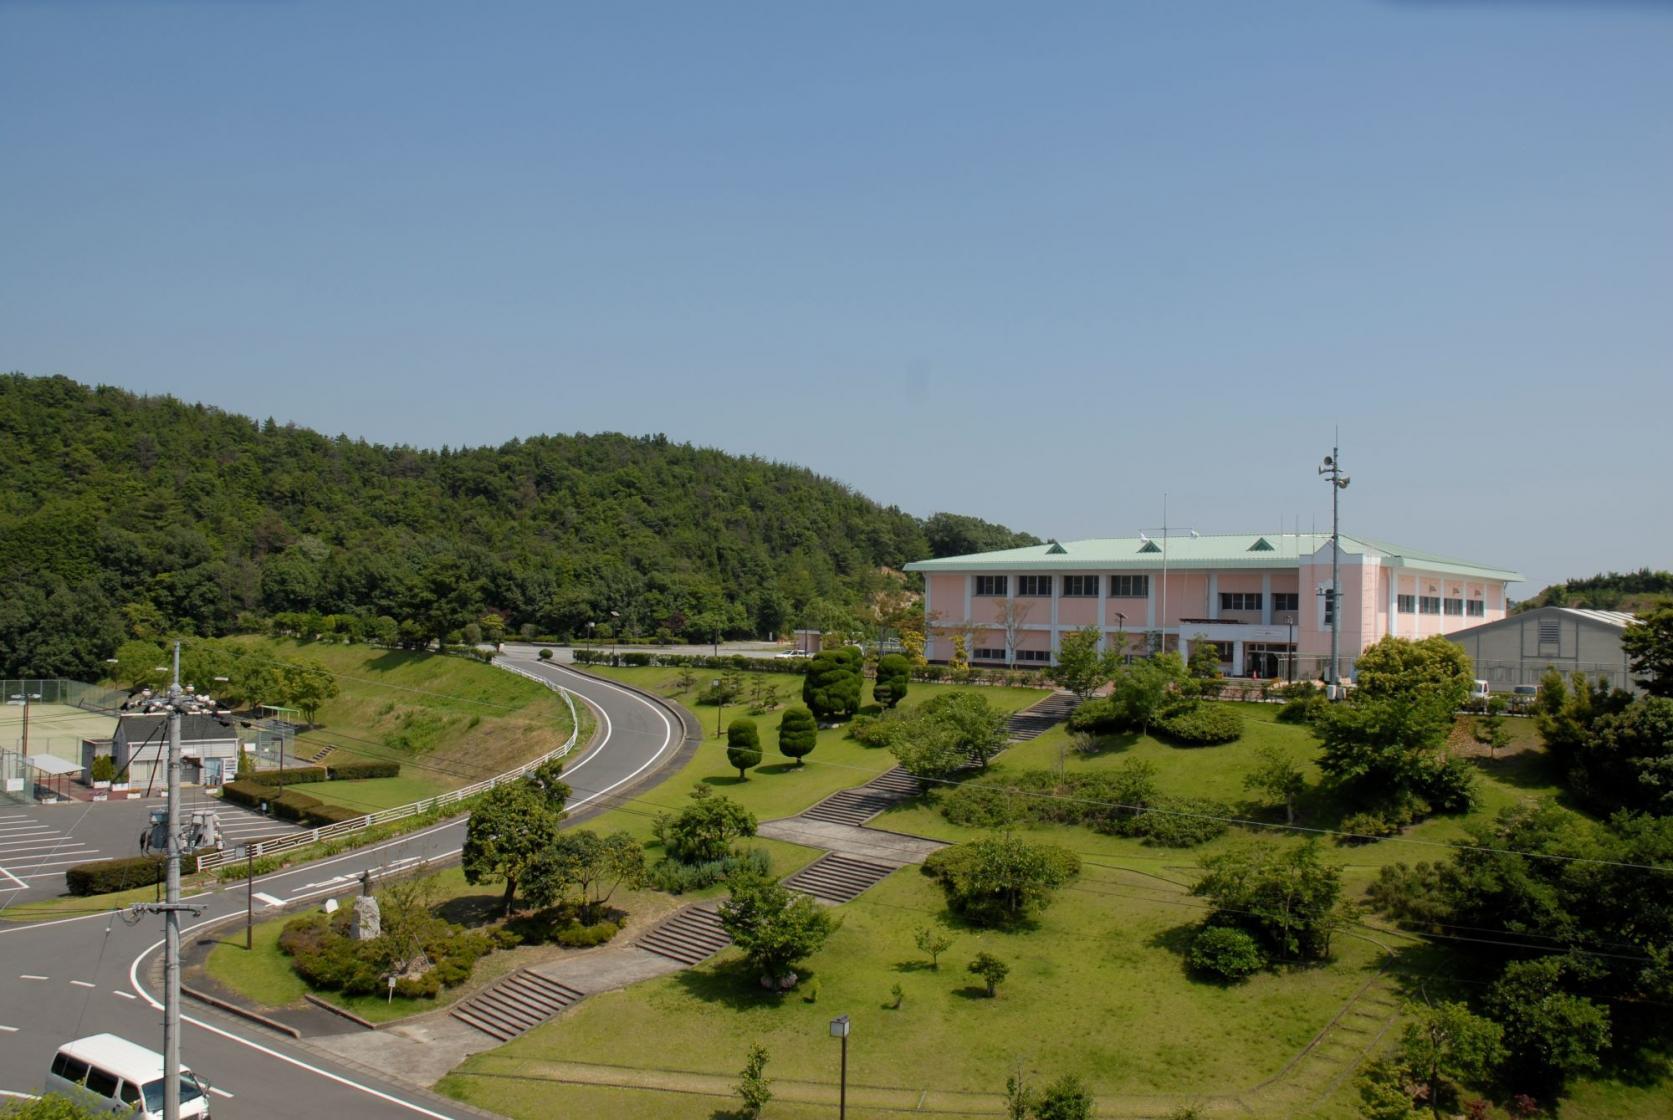 邑久スポーツ公園・邑久B&G海洋センター-7